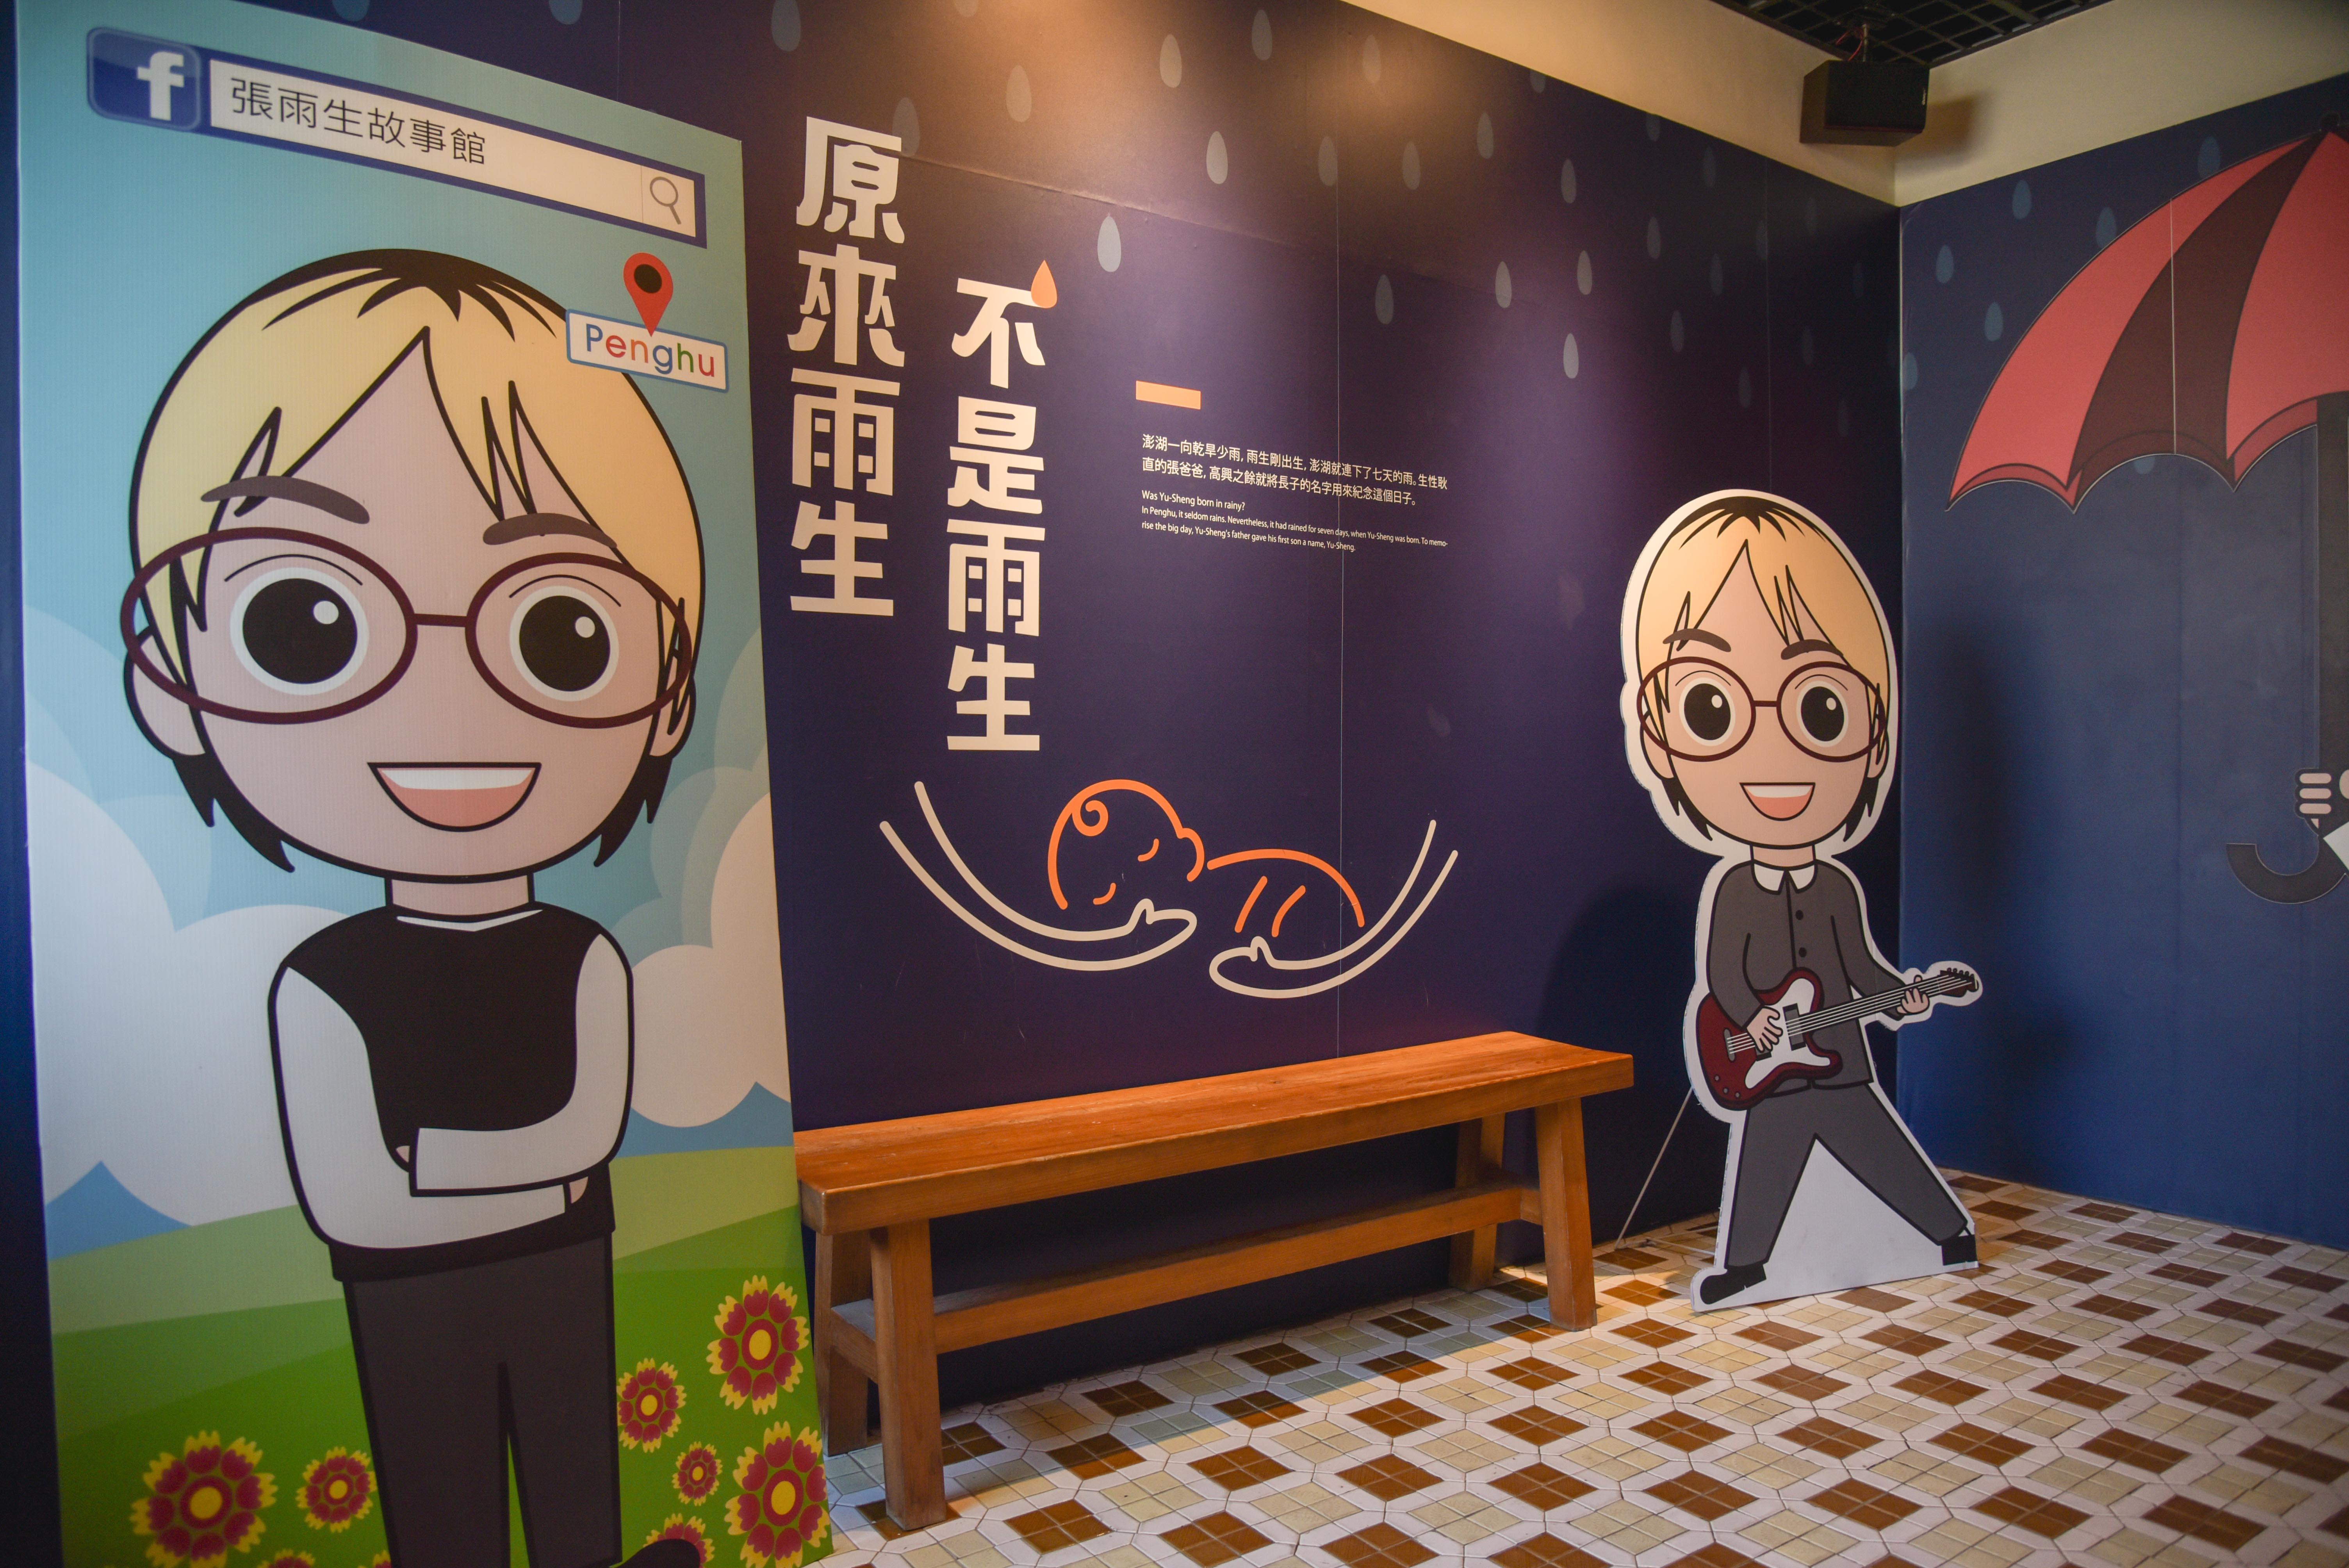 張雨生(チャン・ユーシャン)記念館